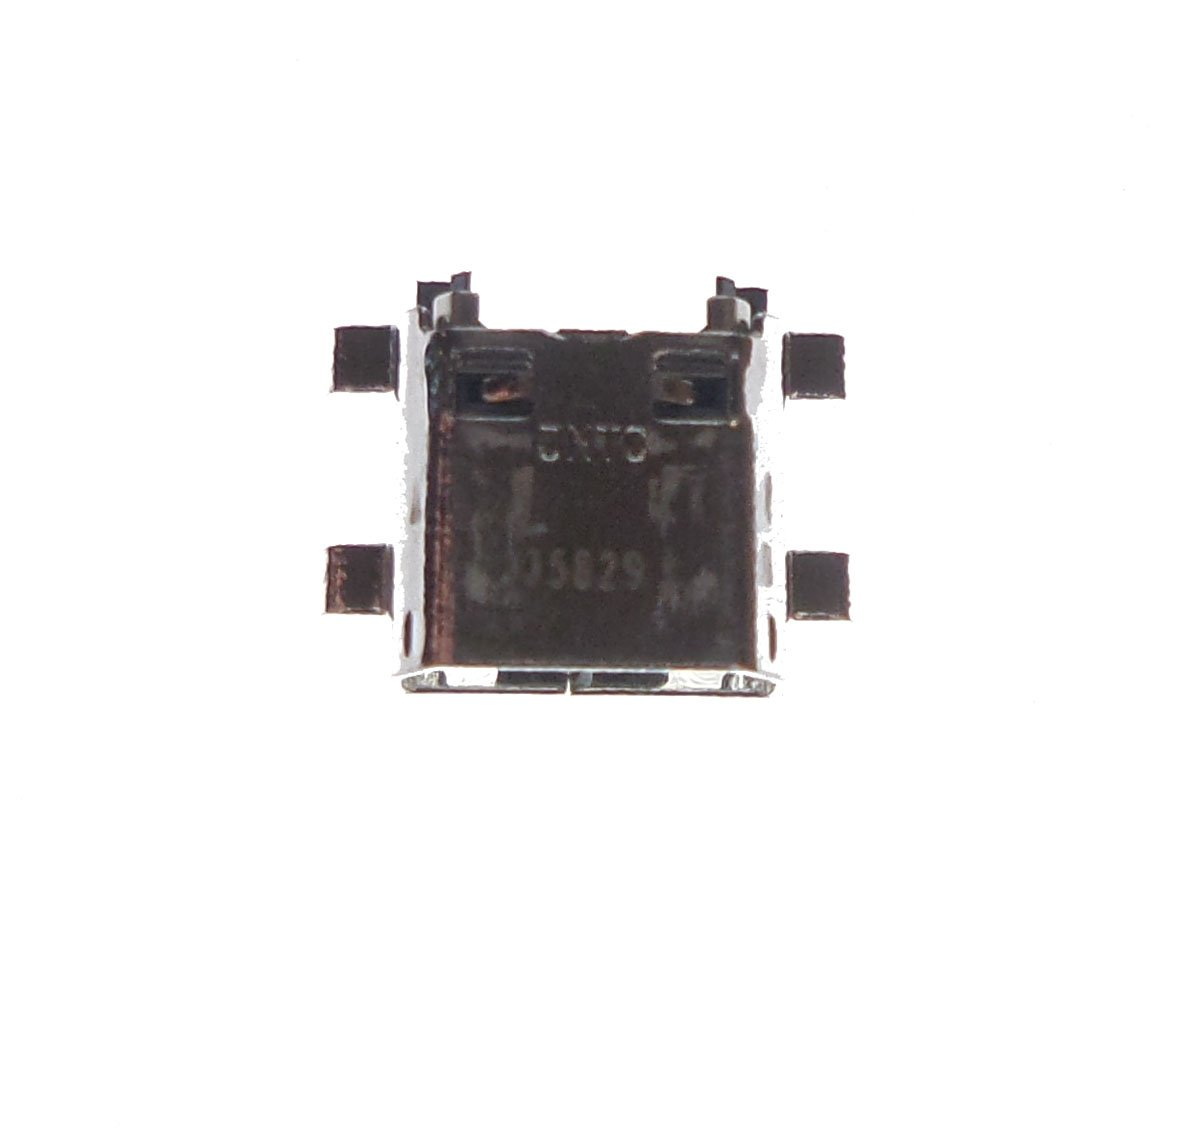 Connecteur USB pour Samsung Galaxy Trend 2 Lite G318h